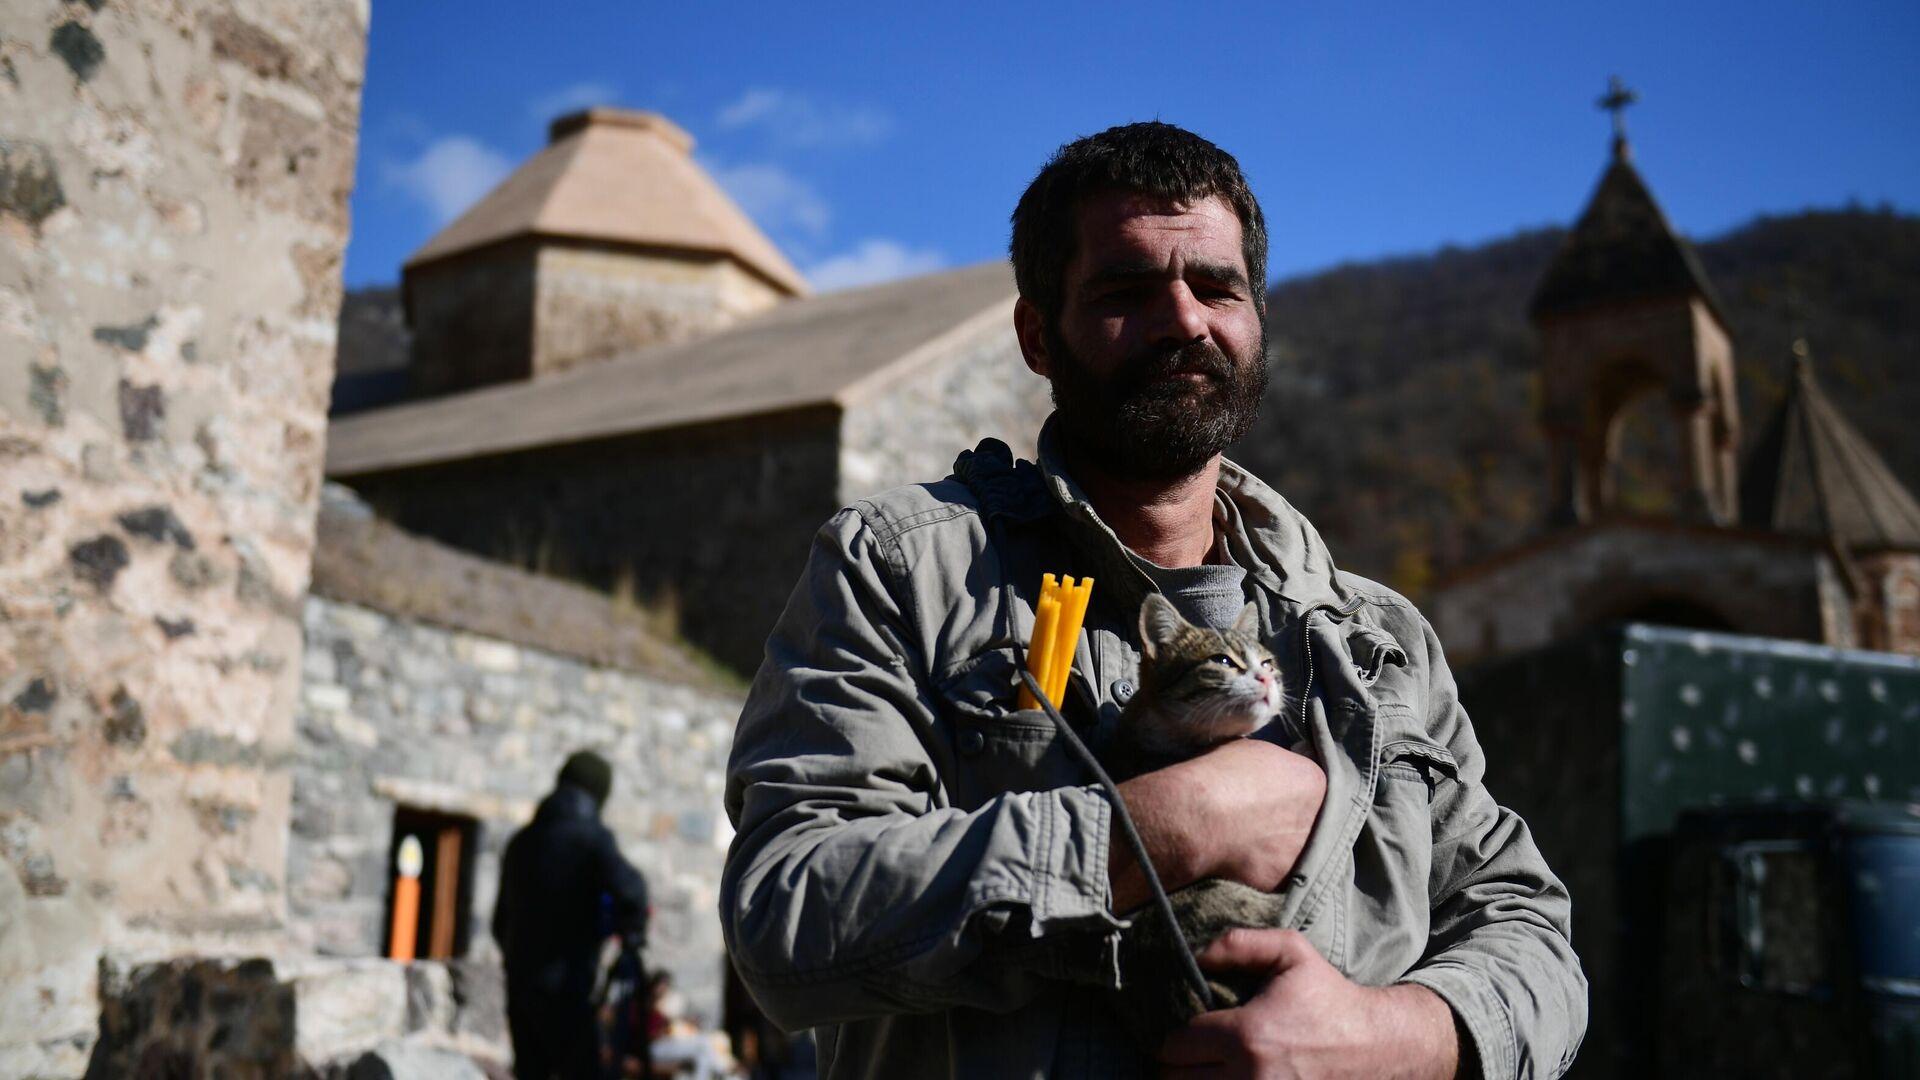 Мужчина держит на руках кота возле храма в монастыре Дадиванк в Нагорном Карабахе - РИА Новости, 1920, 19.11.2020